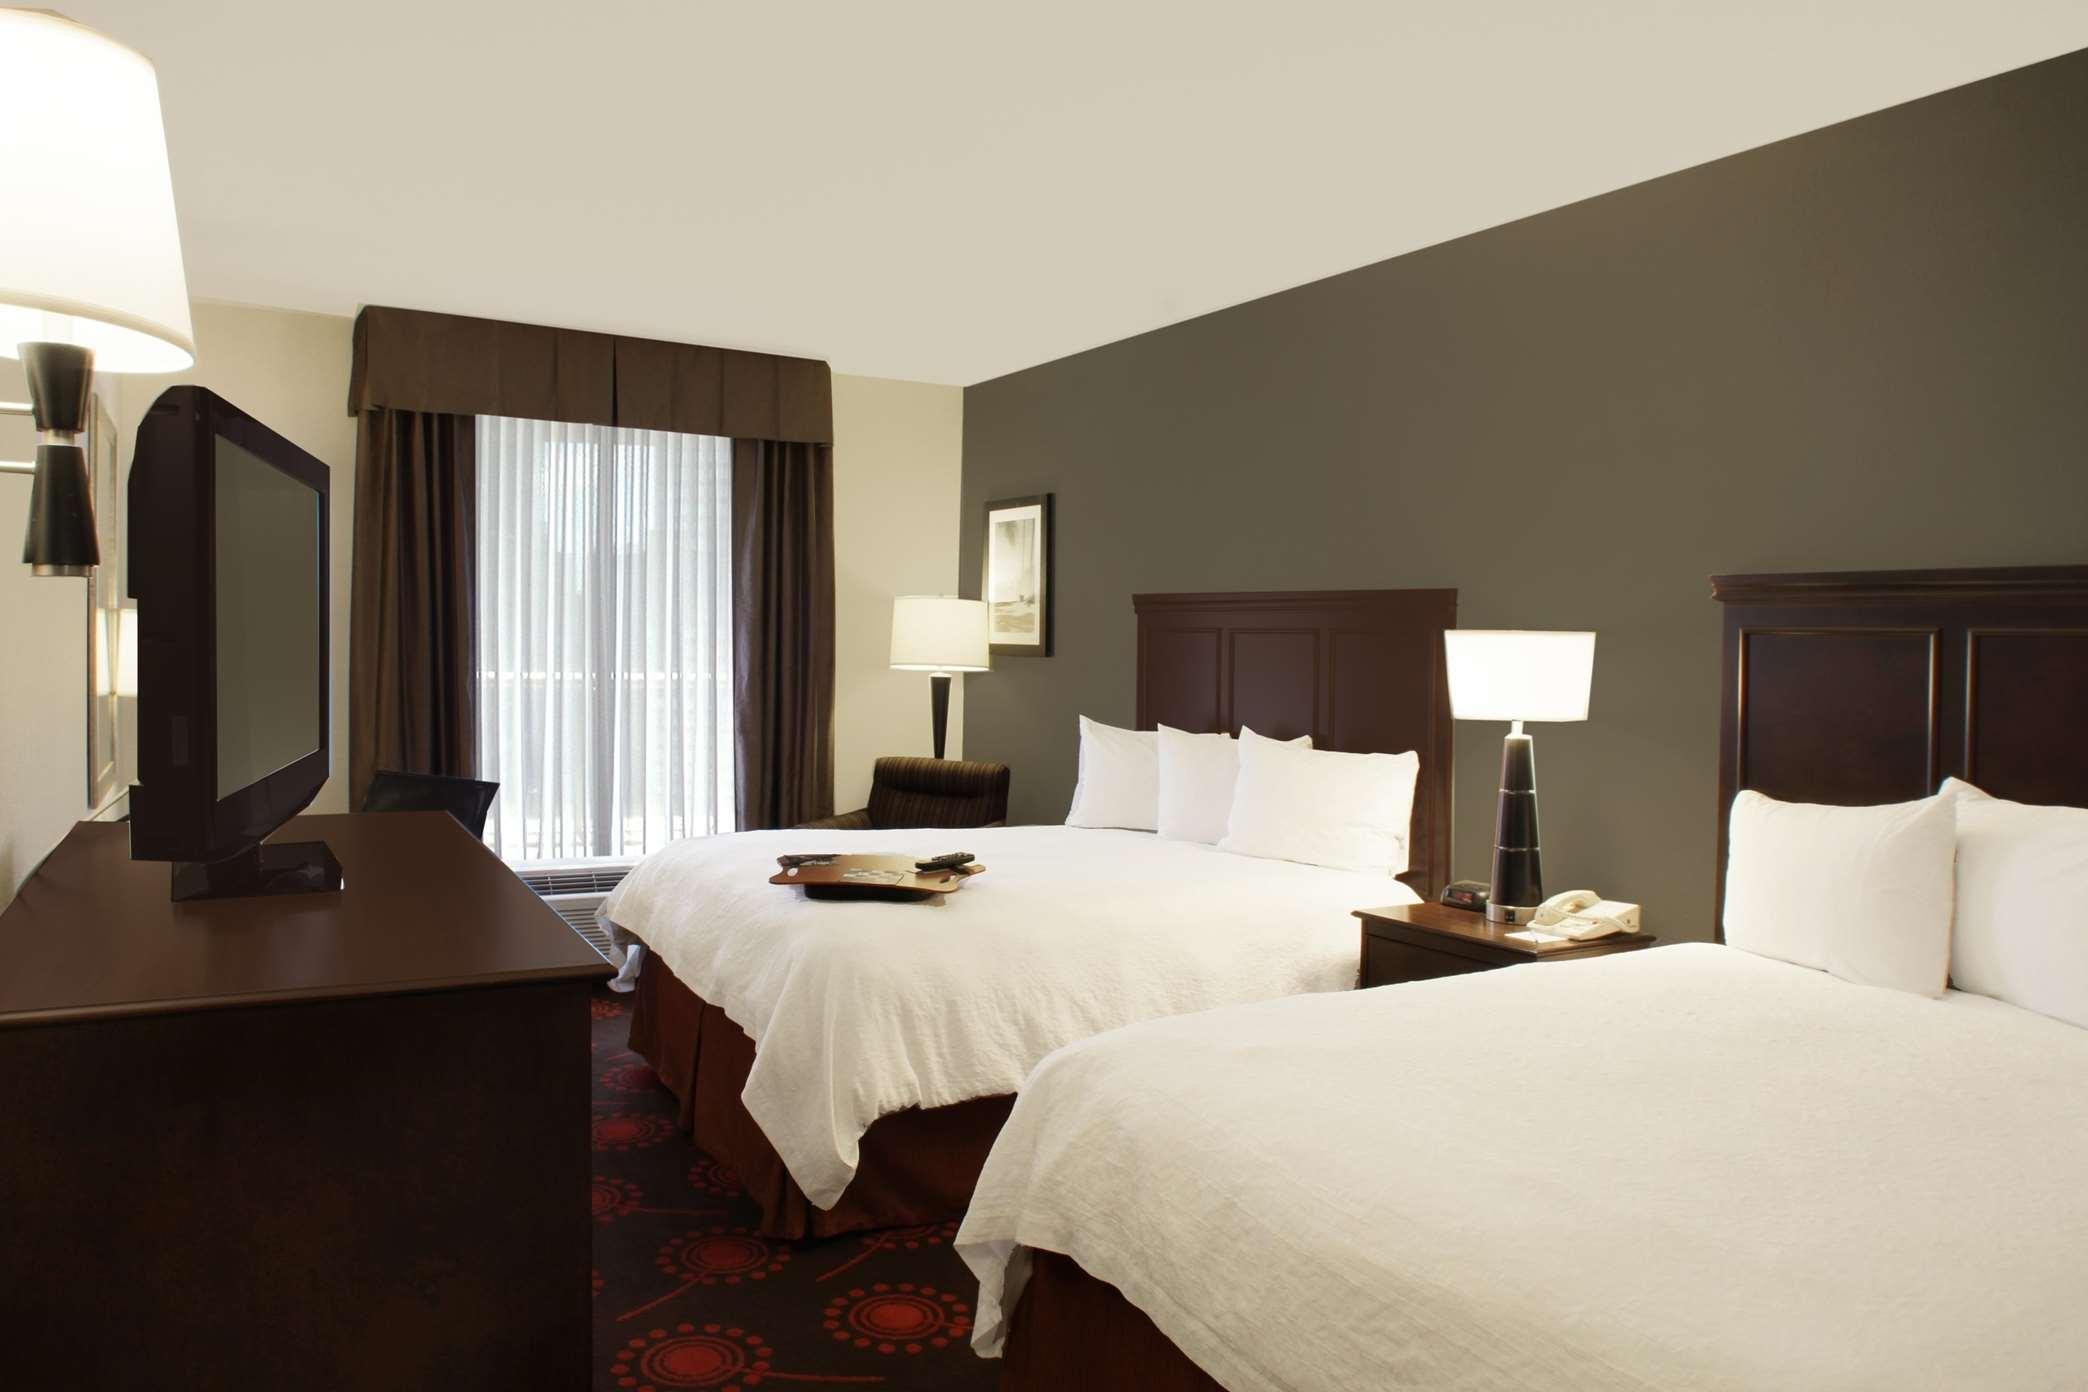 Hampton Inn & Suites Port St. Lucie, West image 15